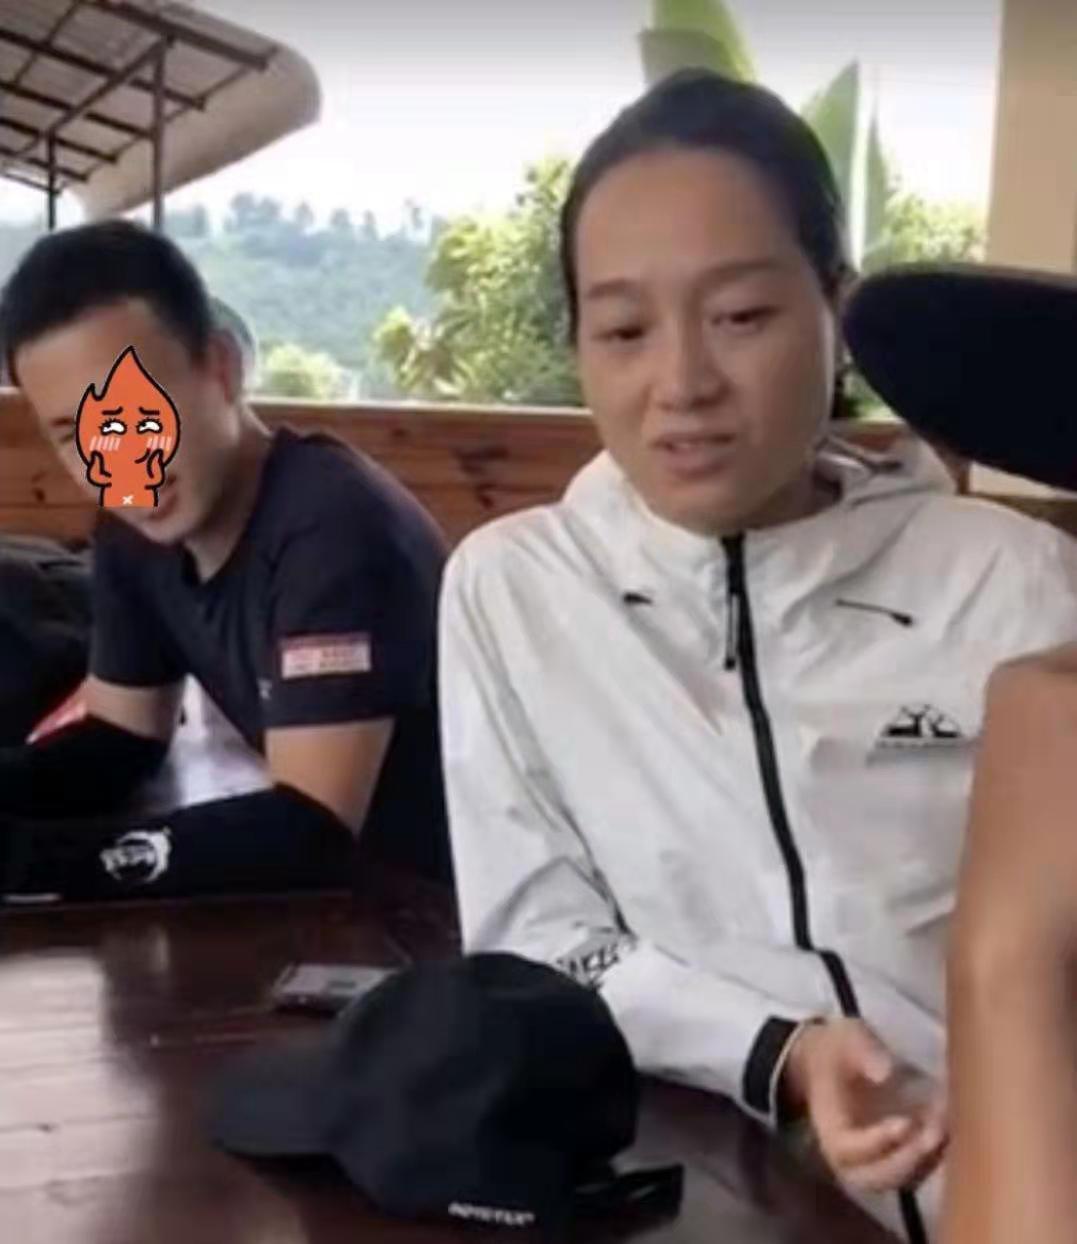 38岁朱丹素颜出街,与节目中形象反差太大,网友:怪不得老公不爱